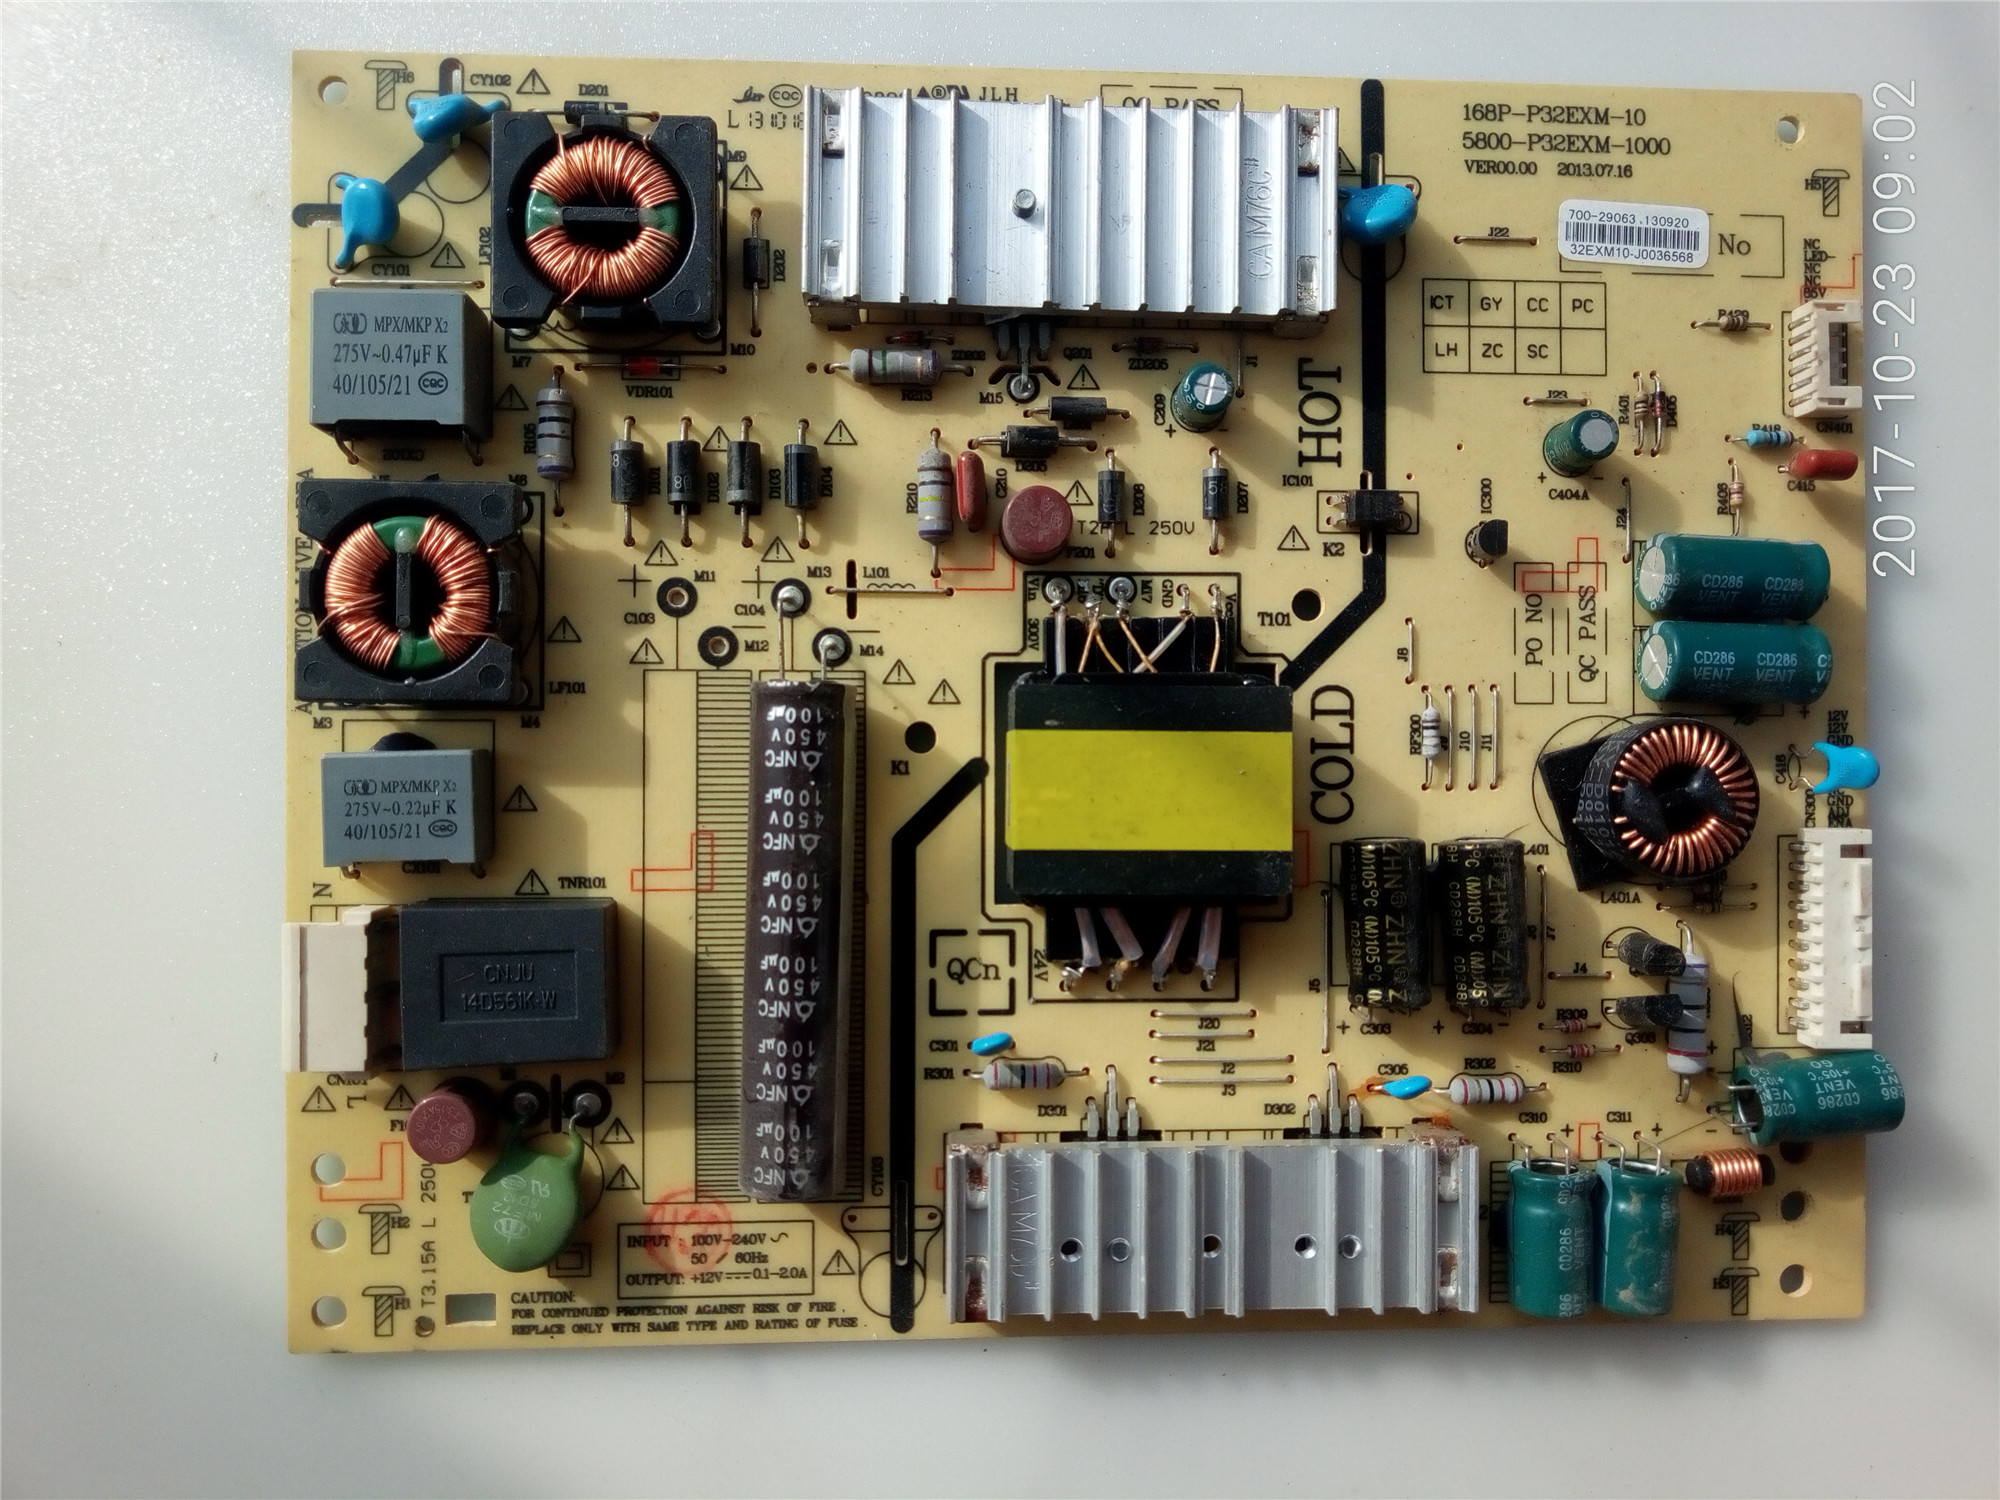 Skyworth télévision à cristaux liquides 32E660E32 pouce plaque d'alimentation haute tension d'une carte de circuit d'amplification de commande de rétroéclairage